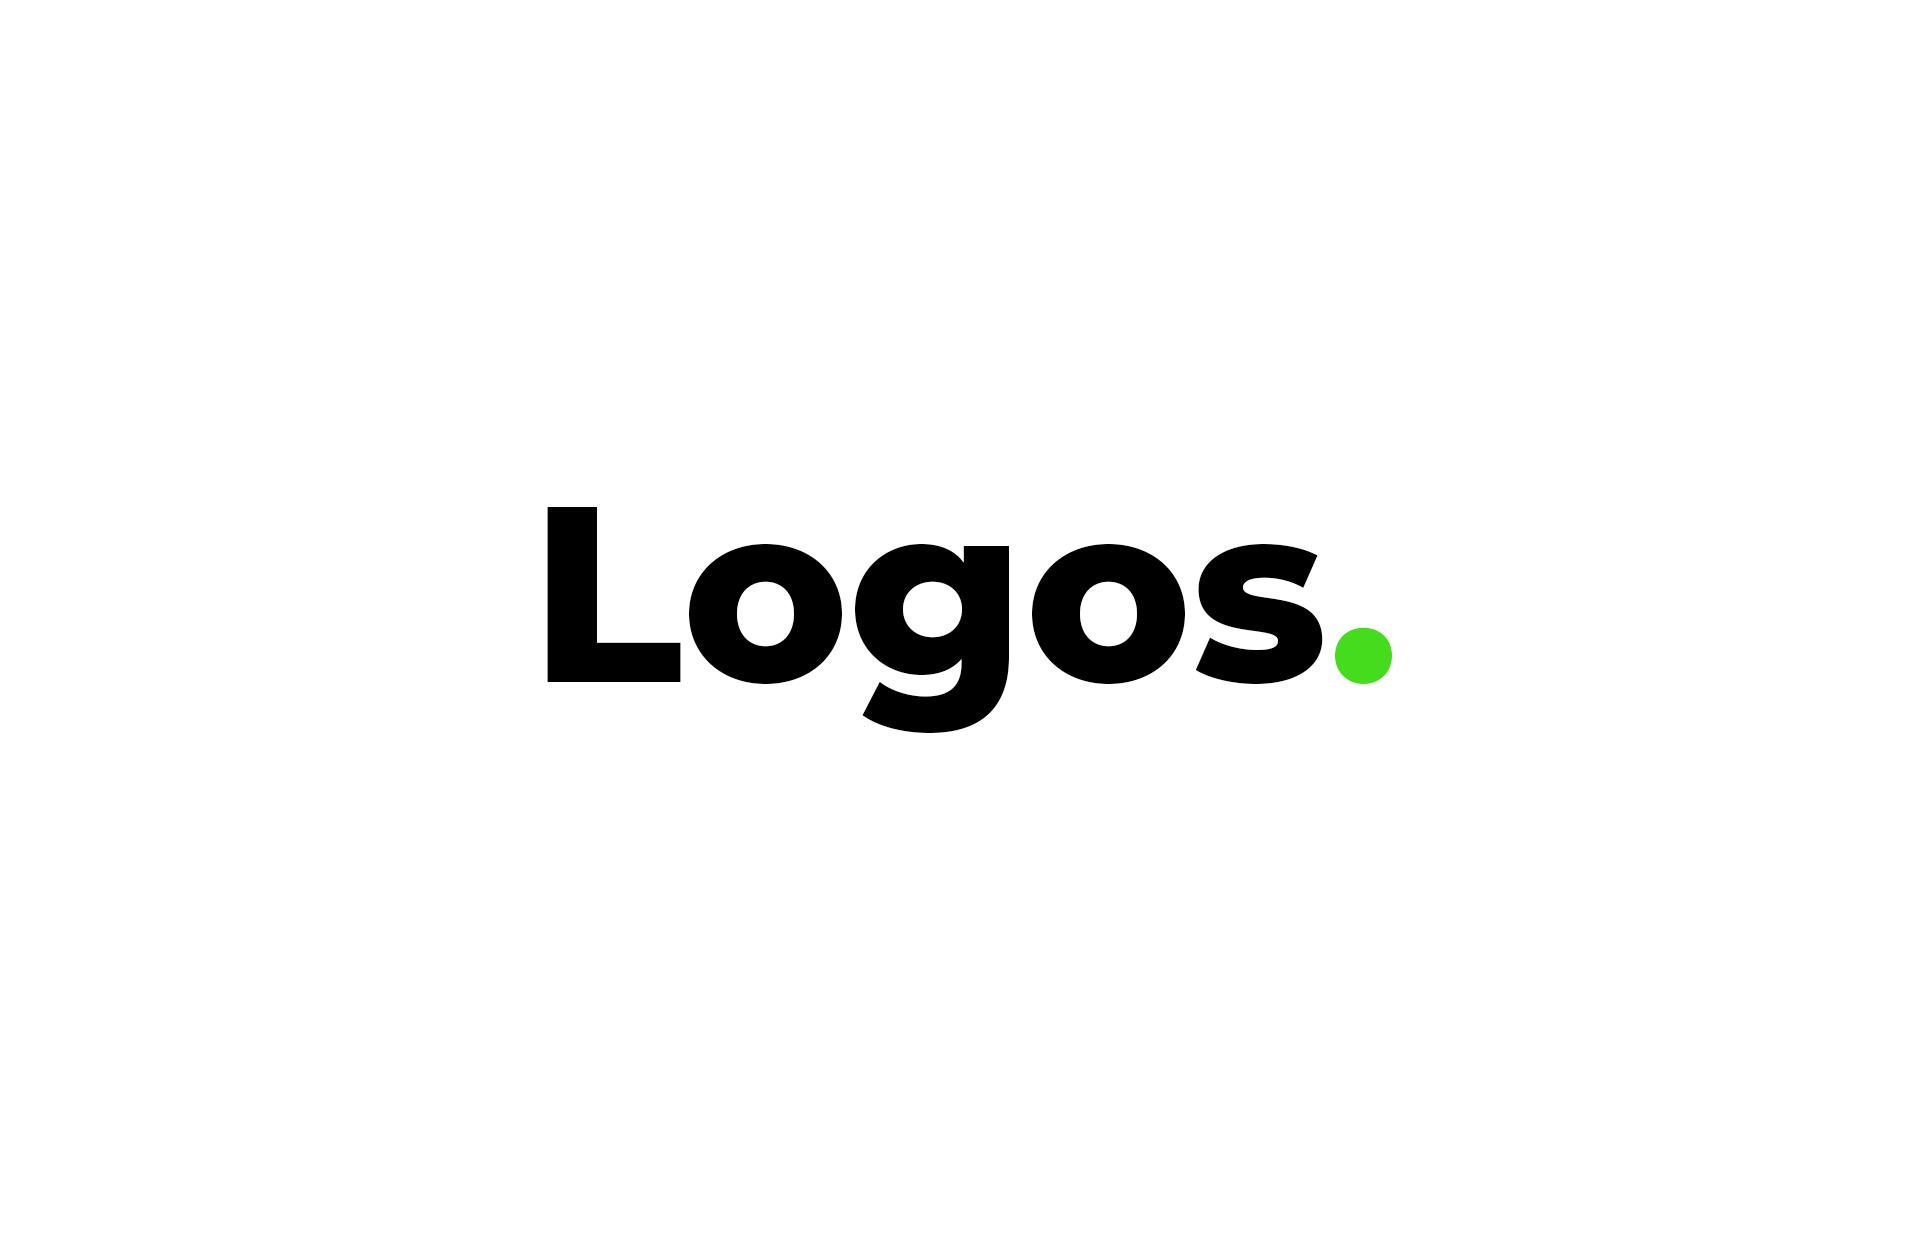 Logos, signs and symbols